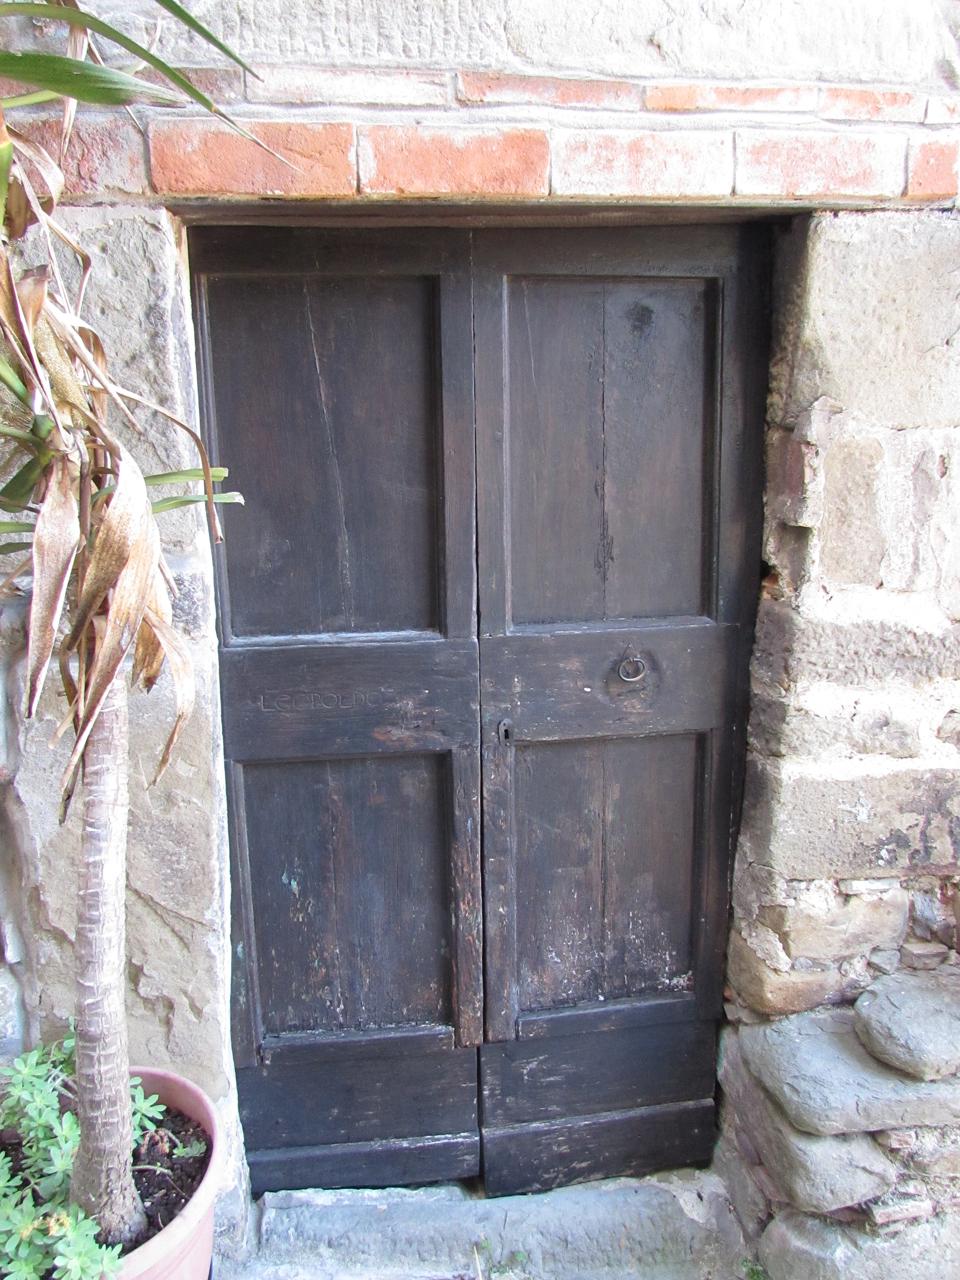 Castelvecchio doors Photo by Aaron Crossley